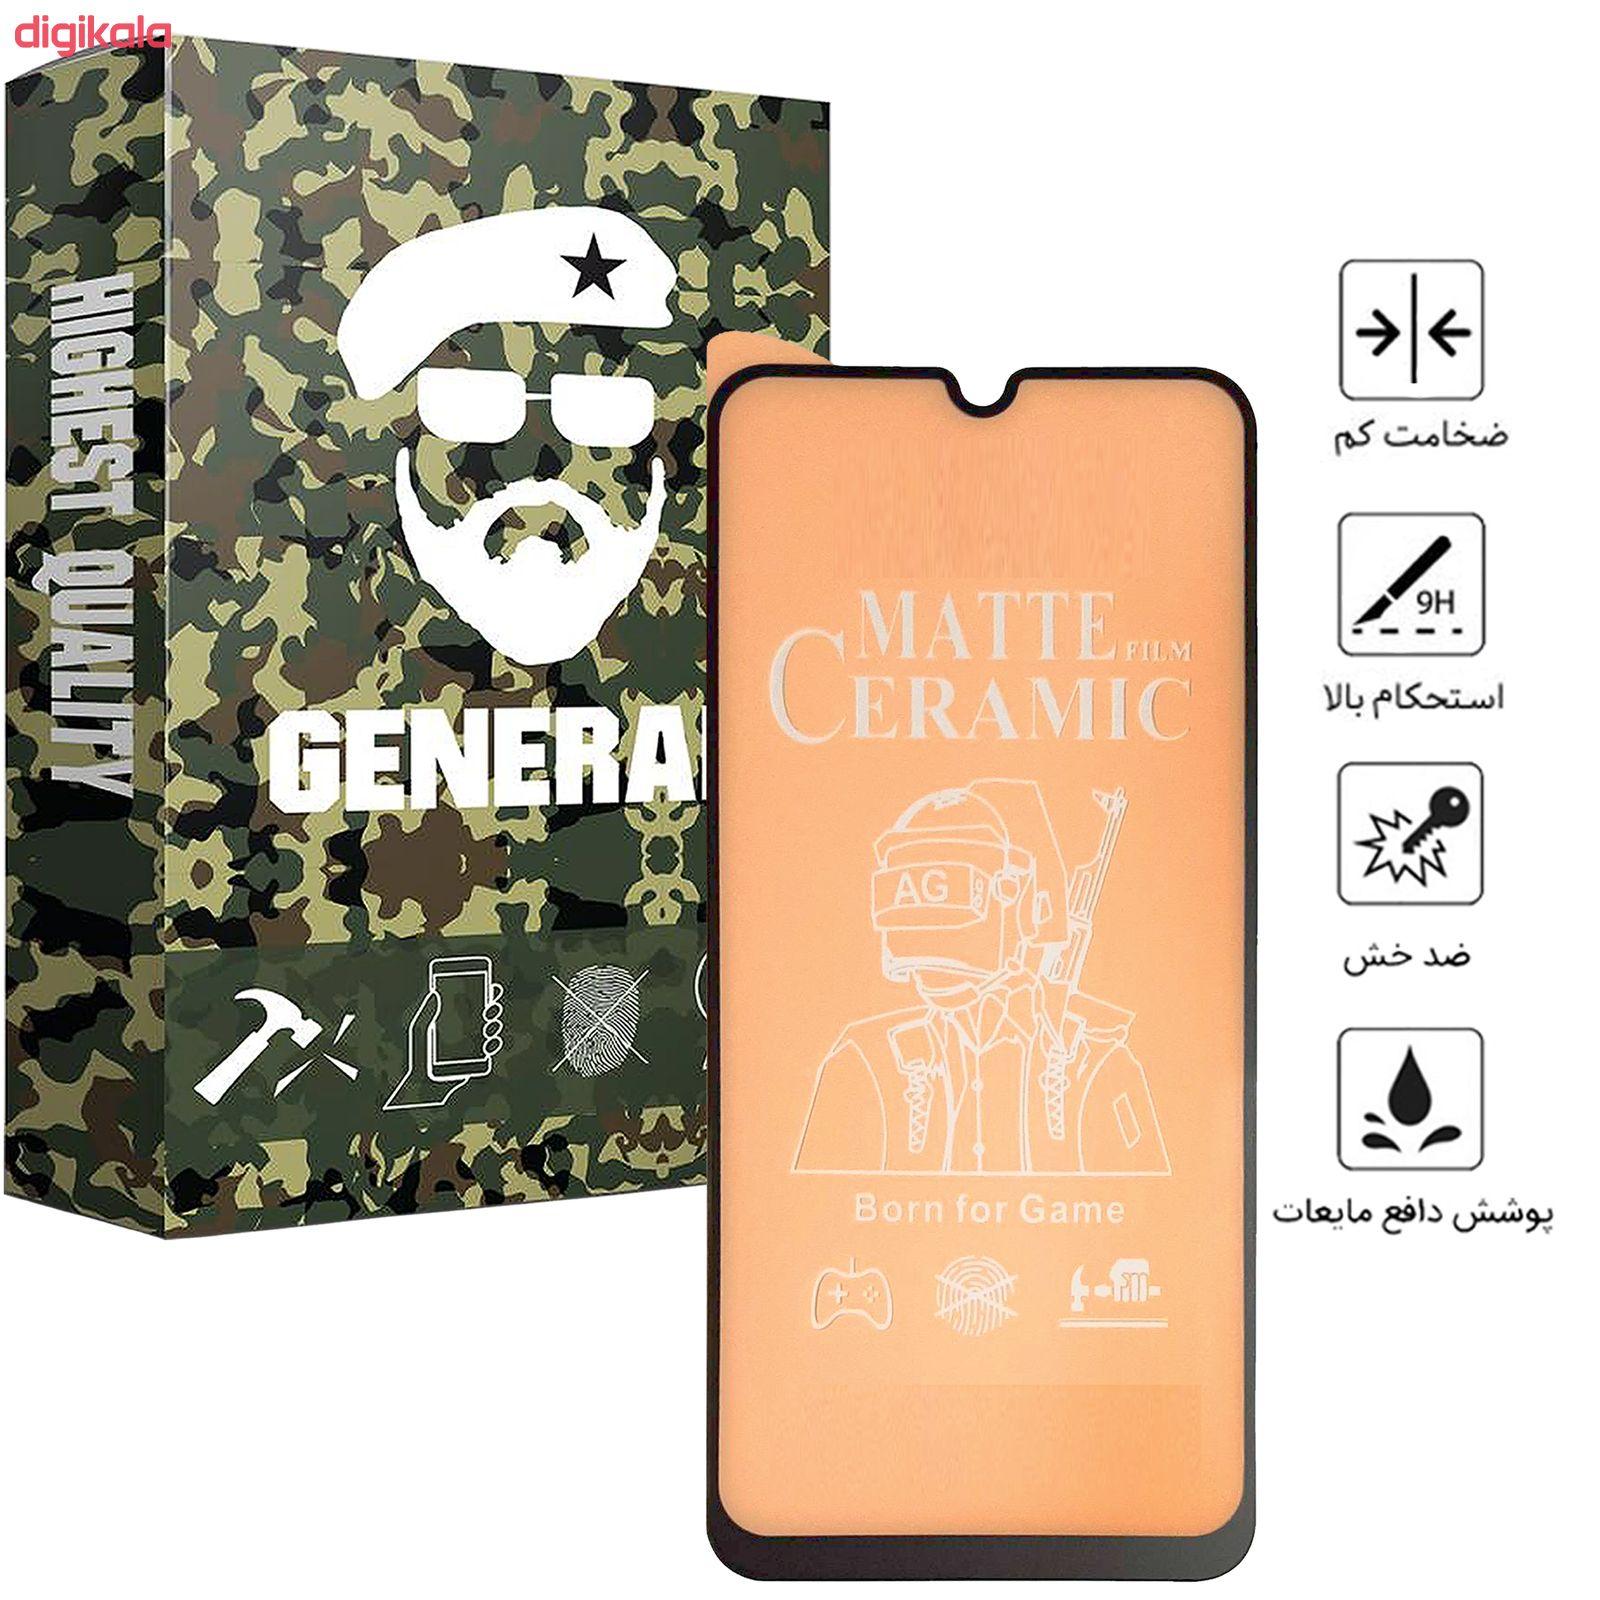 محافظ صفحه نمایش مات ژنرال مدل LKFCM مناسب برای گوشی موبایل سامسونگ Galaxy A50/ A30S/ A50S main 1 2